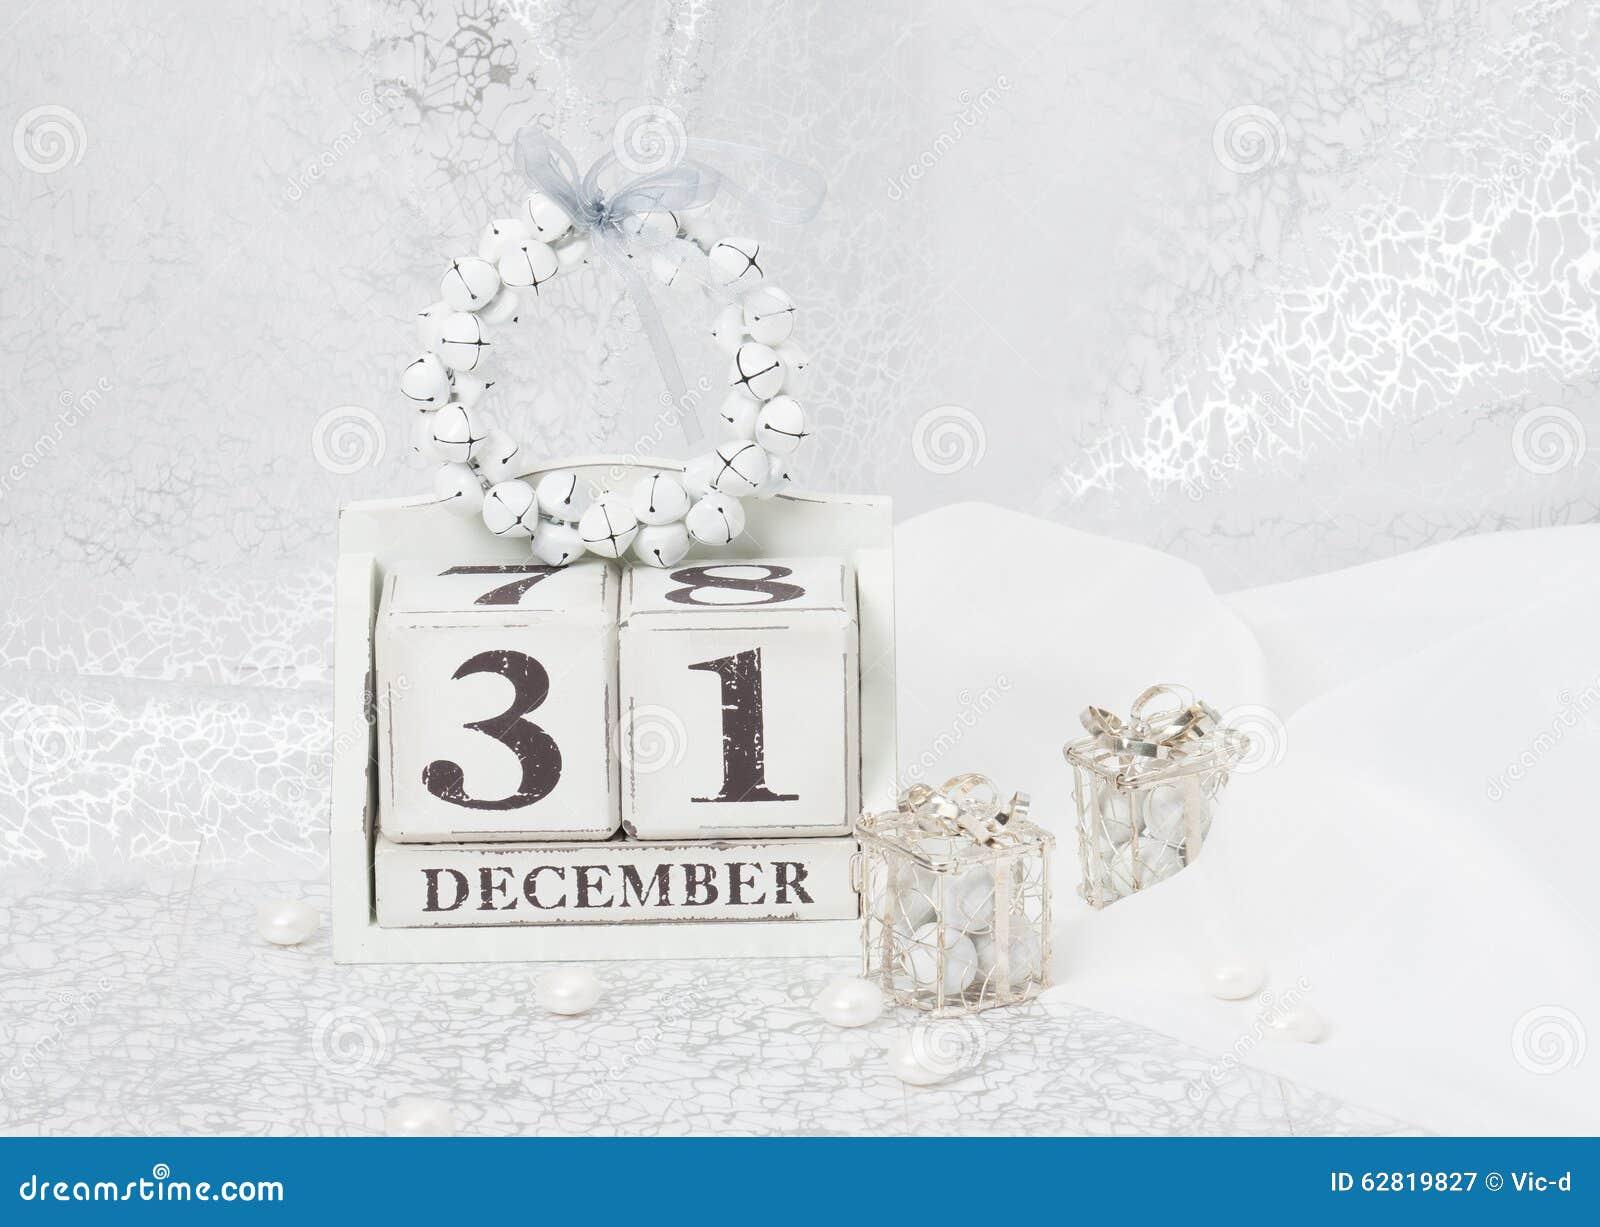 Fecha del a o nuevo en calendario 31 de diciembre navidad for Decoracion 31 de diciembre